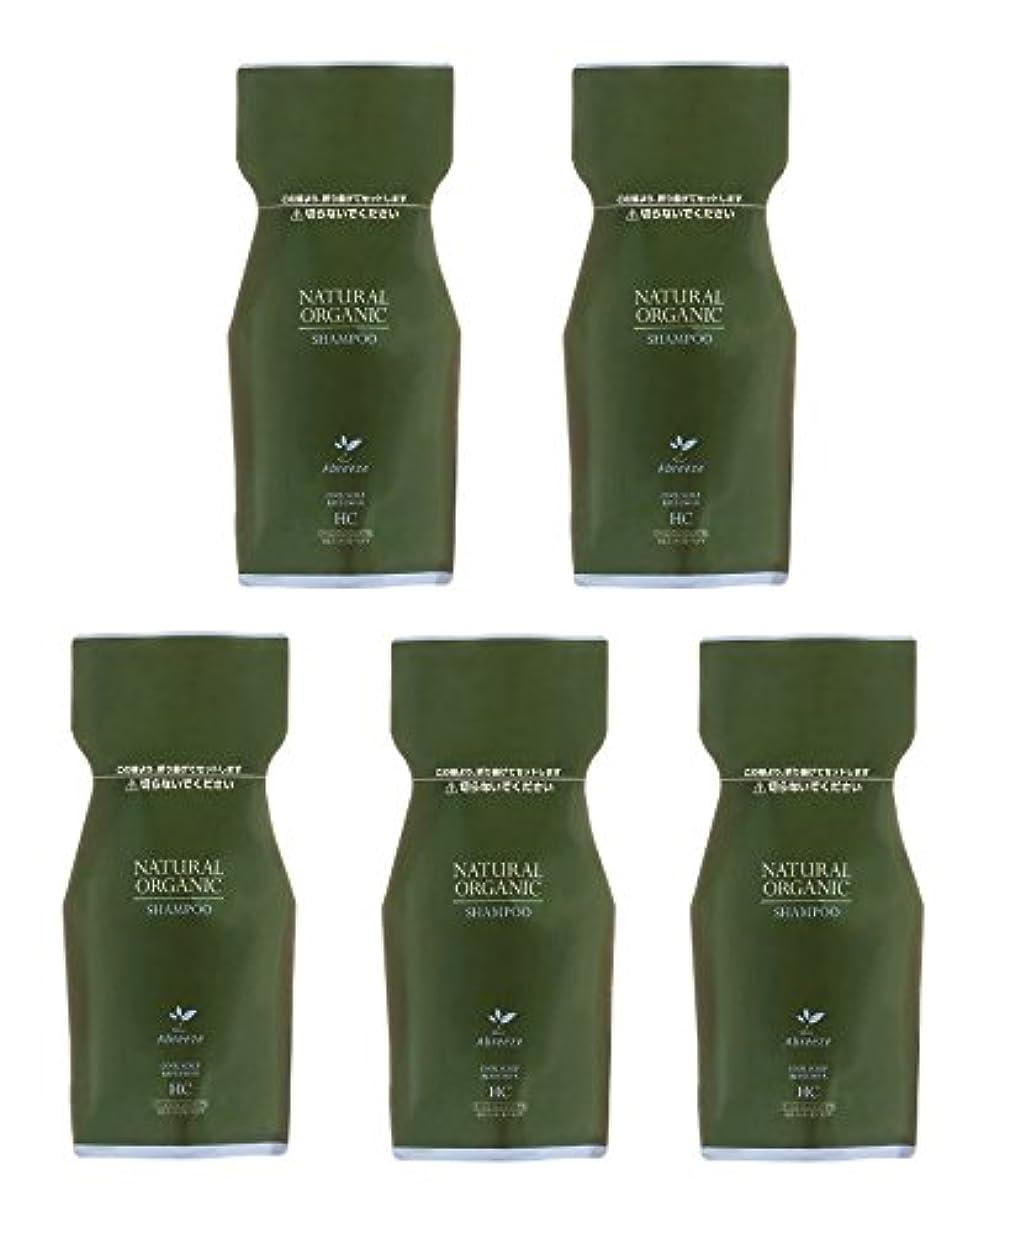 拮抗する混乱した辛い【5個セット】 パシフィックプロダクツ アブリーゼ ナチュラルオーガニック シャンプー HC 600ml レフィル